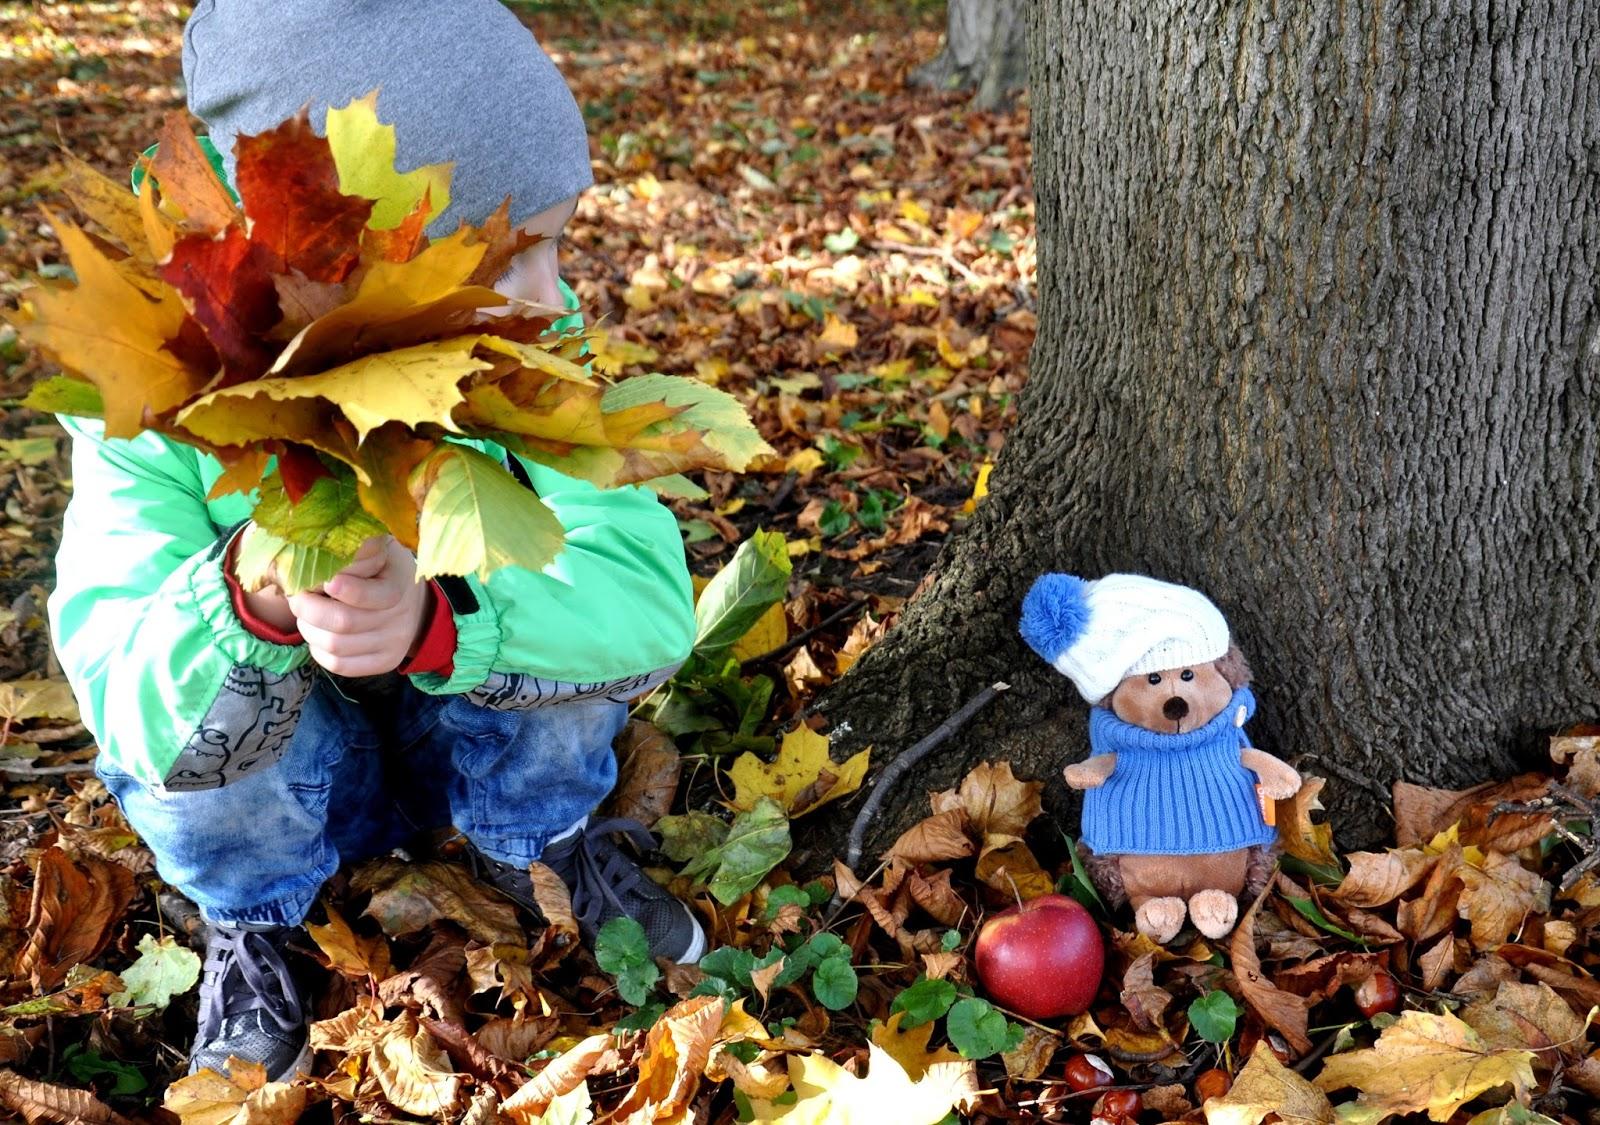 Jesienny spacer z uroczym przyjacielem